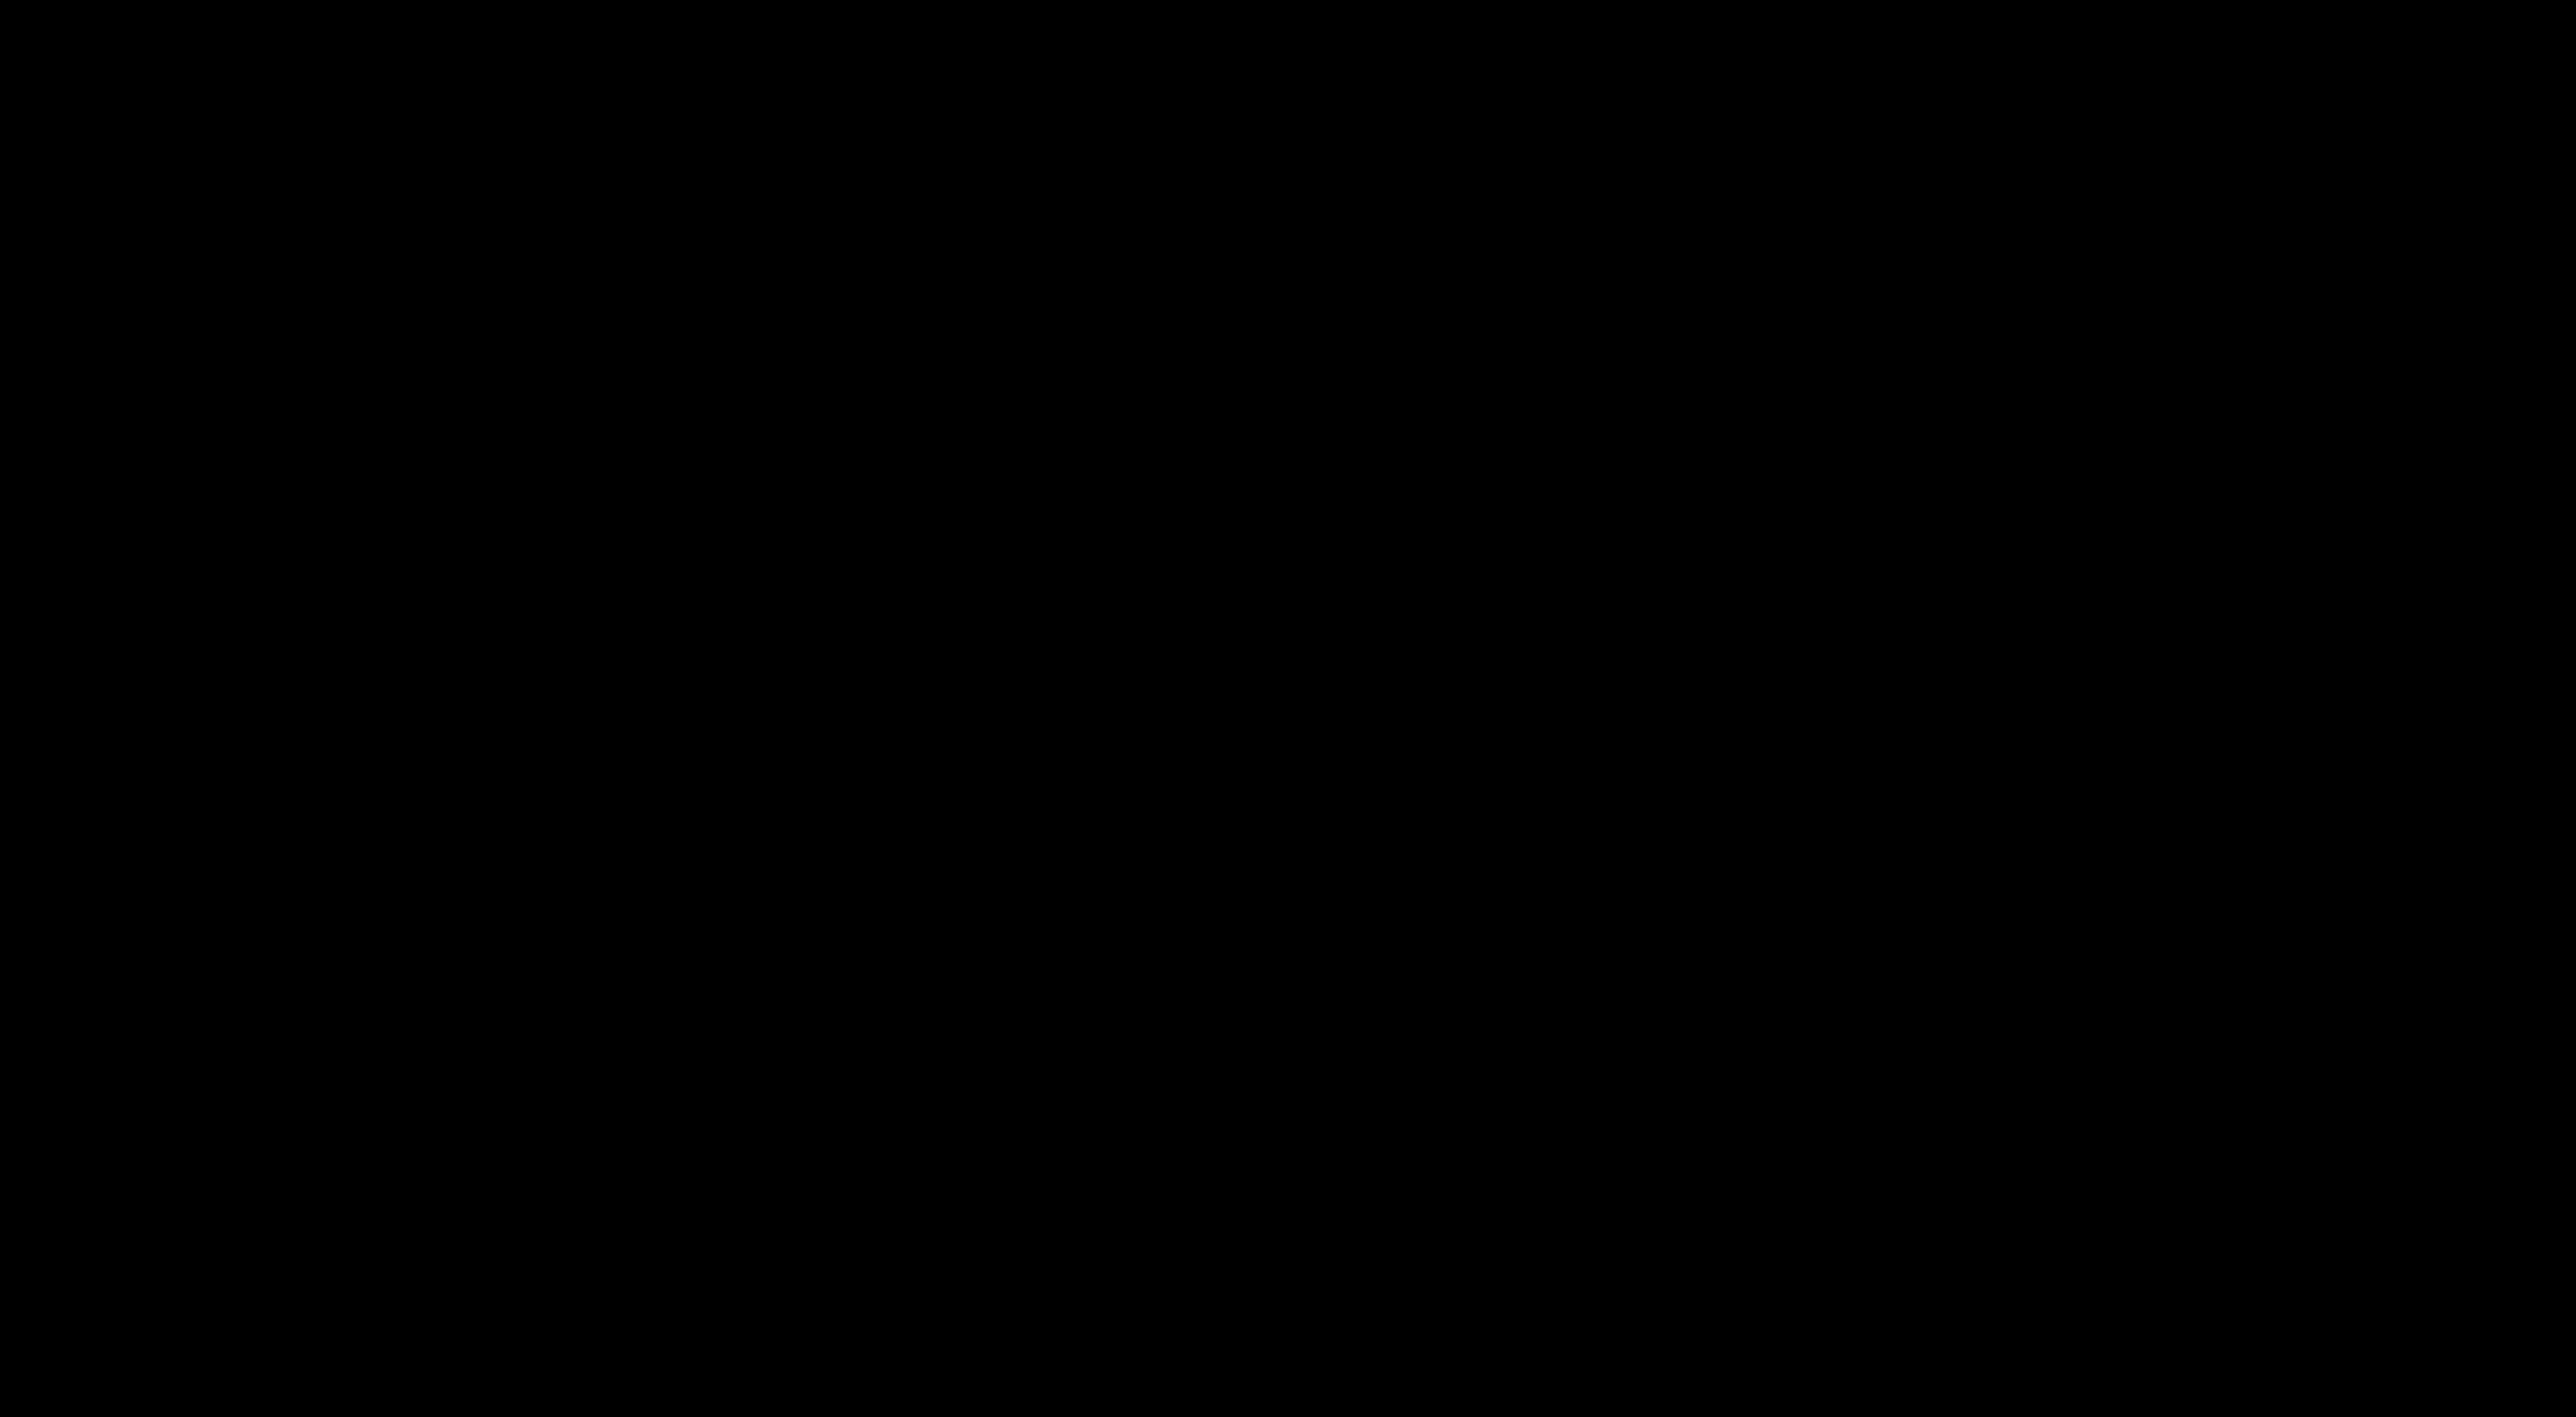 Studio Dentistico Robba